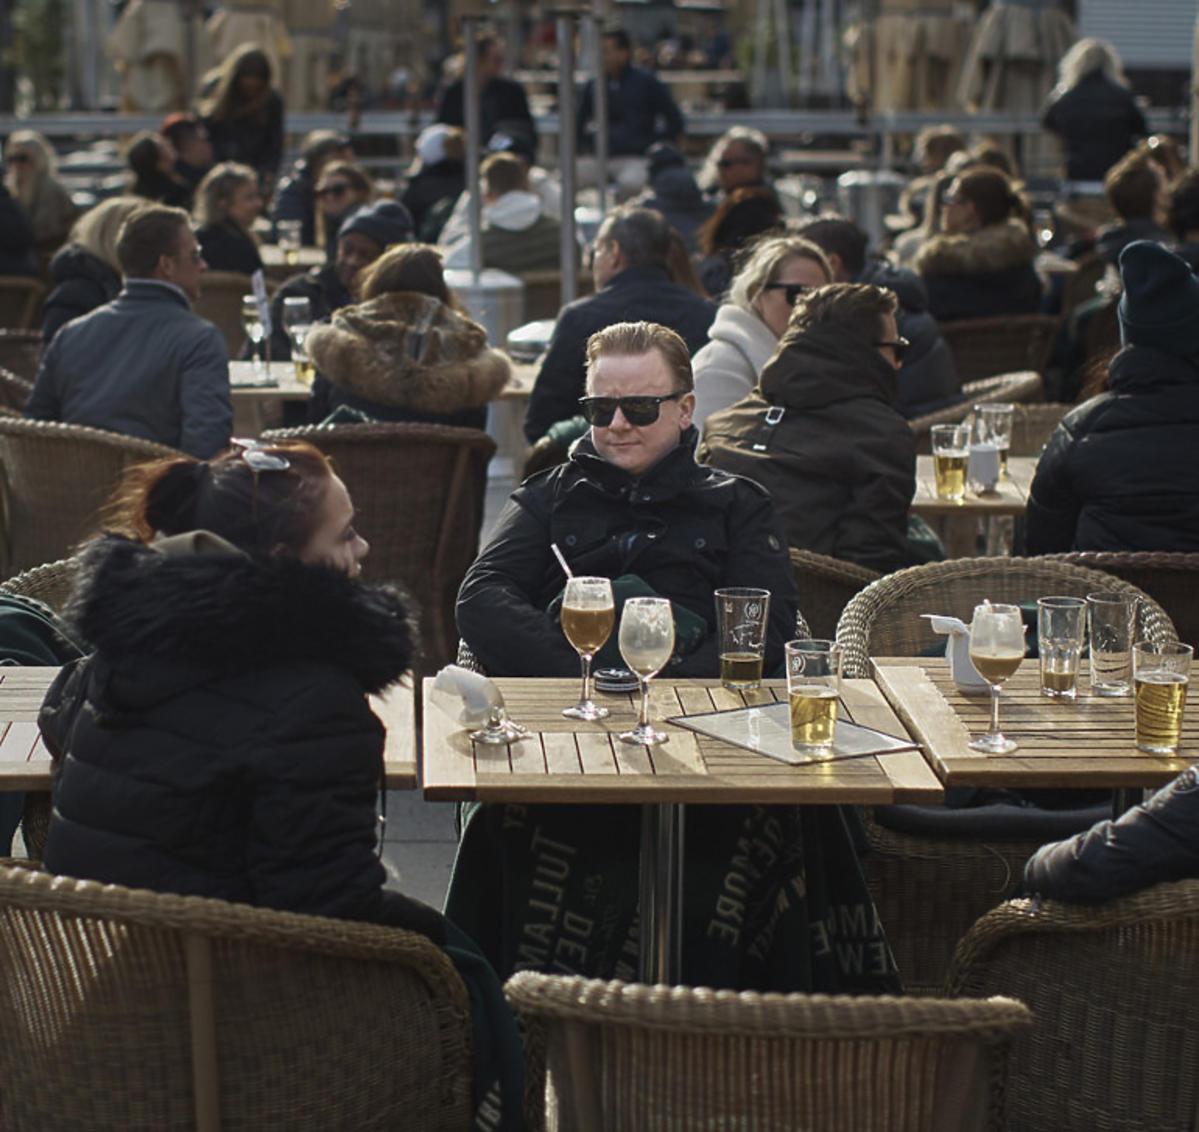 Koronawirus w Szwecji w restauracjach pełno ludzi